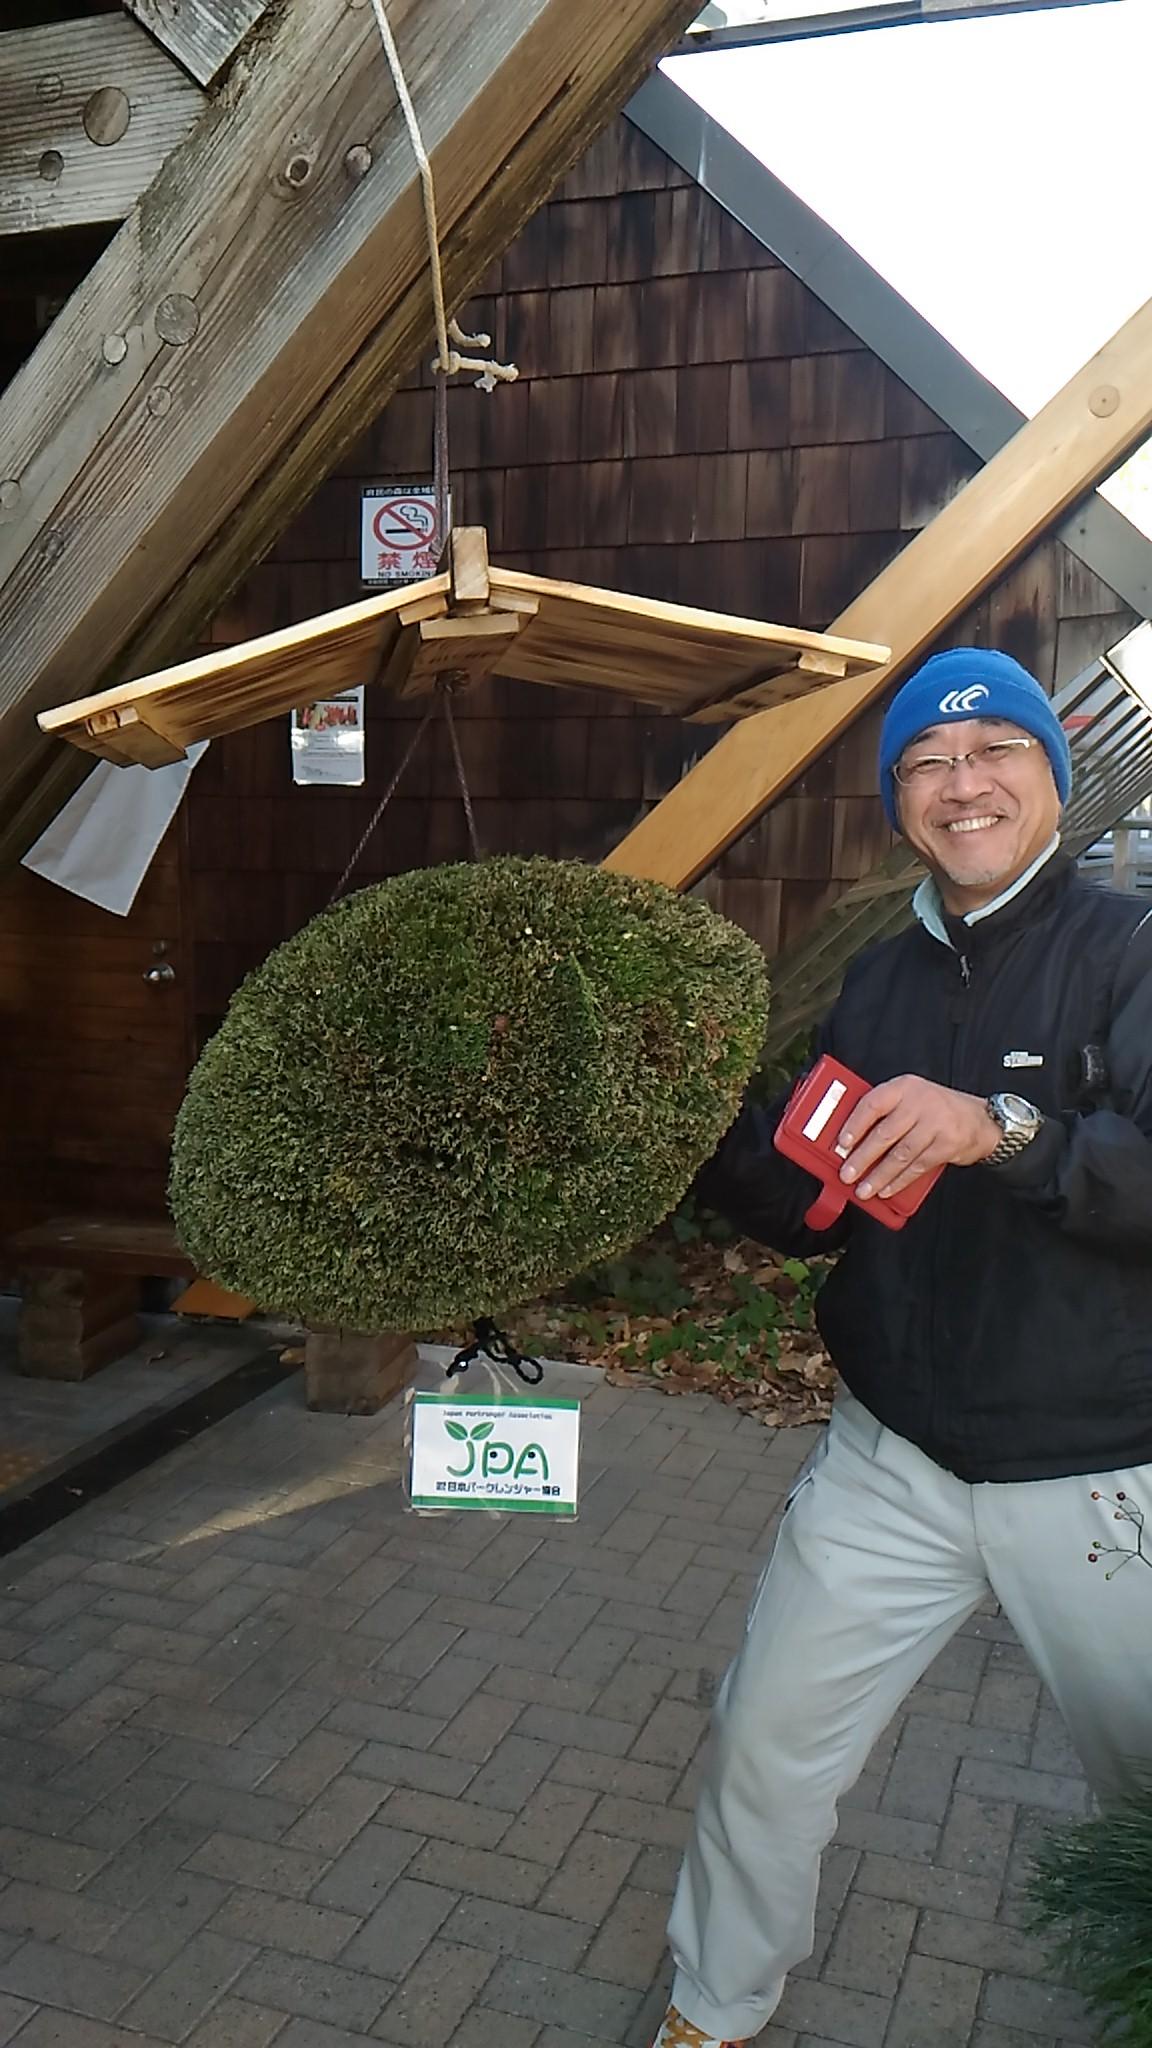 11月27日のラグビーボール型杉玉つくりからのリベンジ!見事完成しました!ラグビーボール型になってるでしょ!?